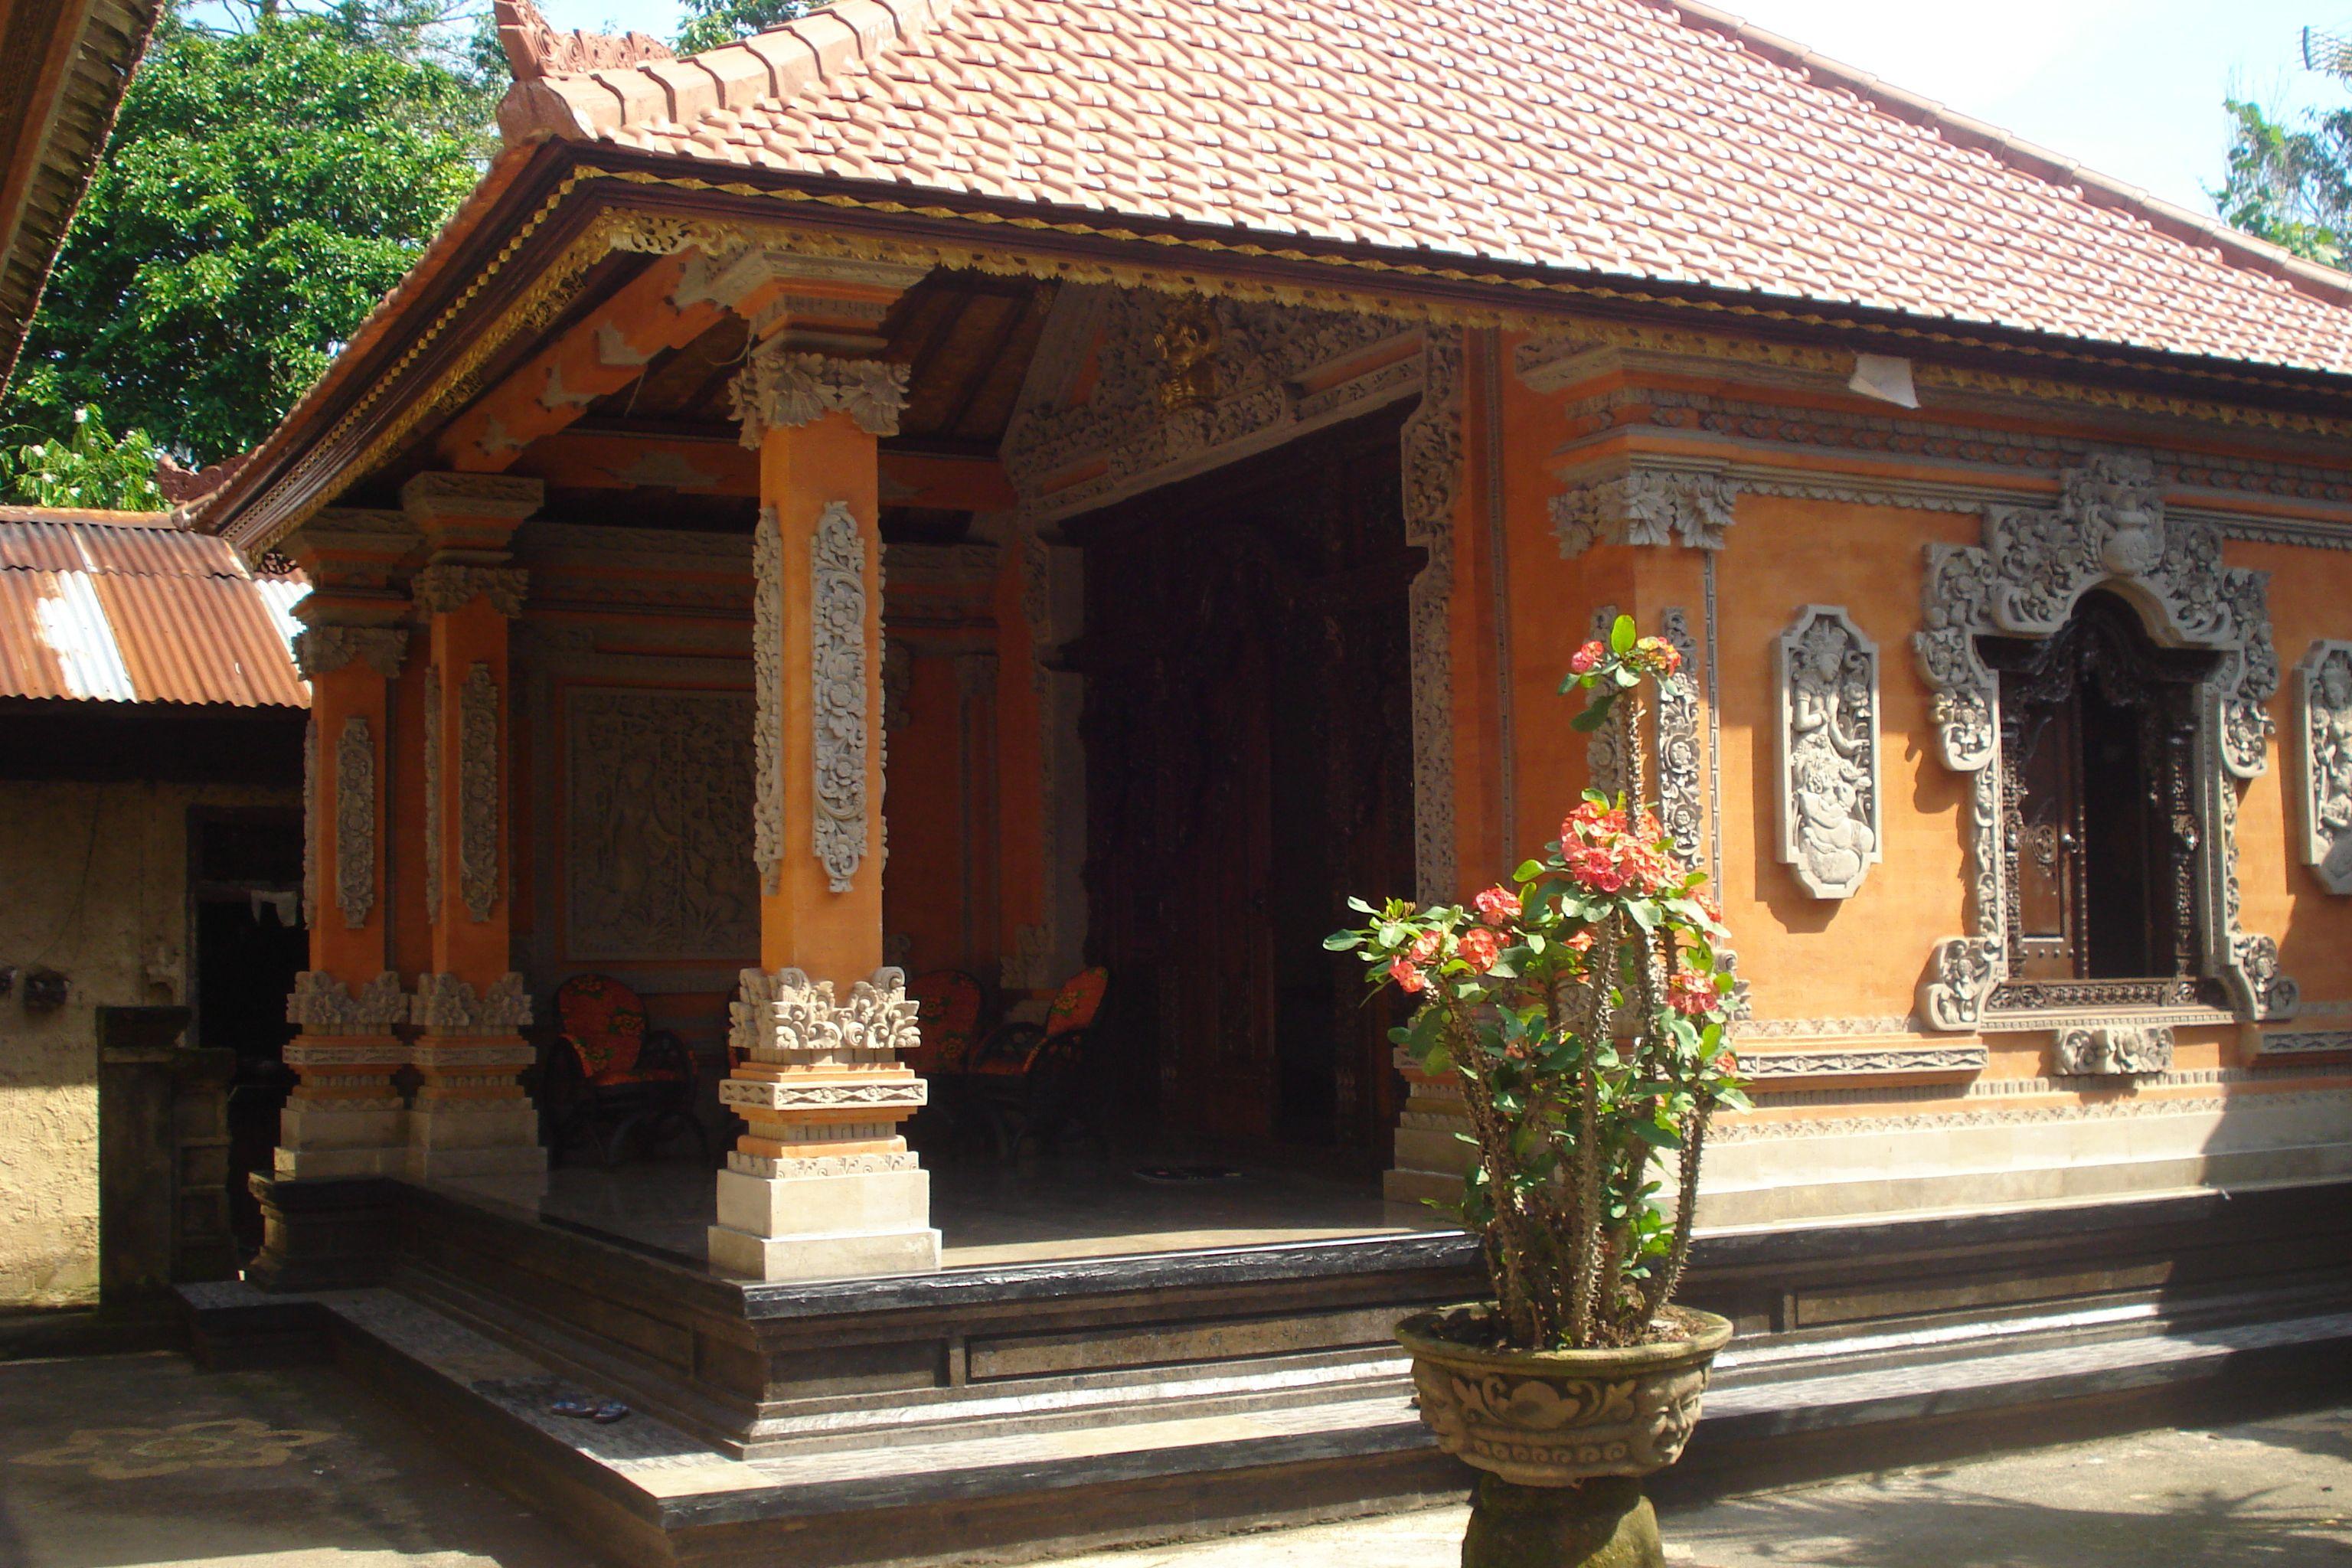 Desain Rumah Bali Model Rumah Minimalis Ialah Suatu Rancangan